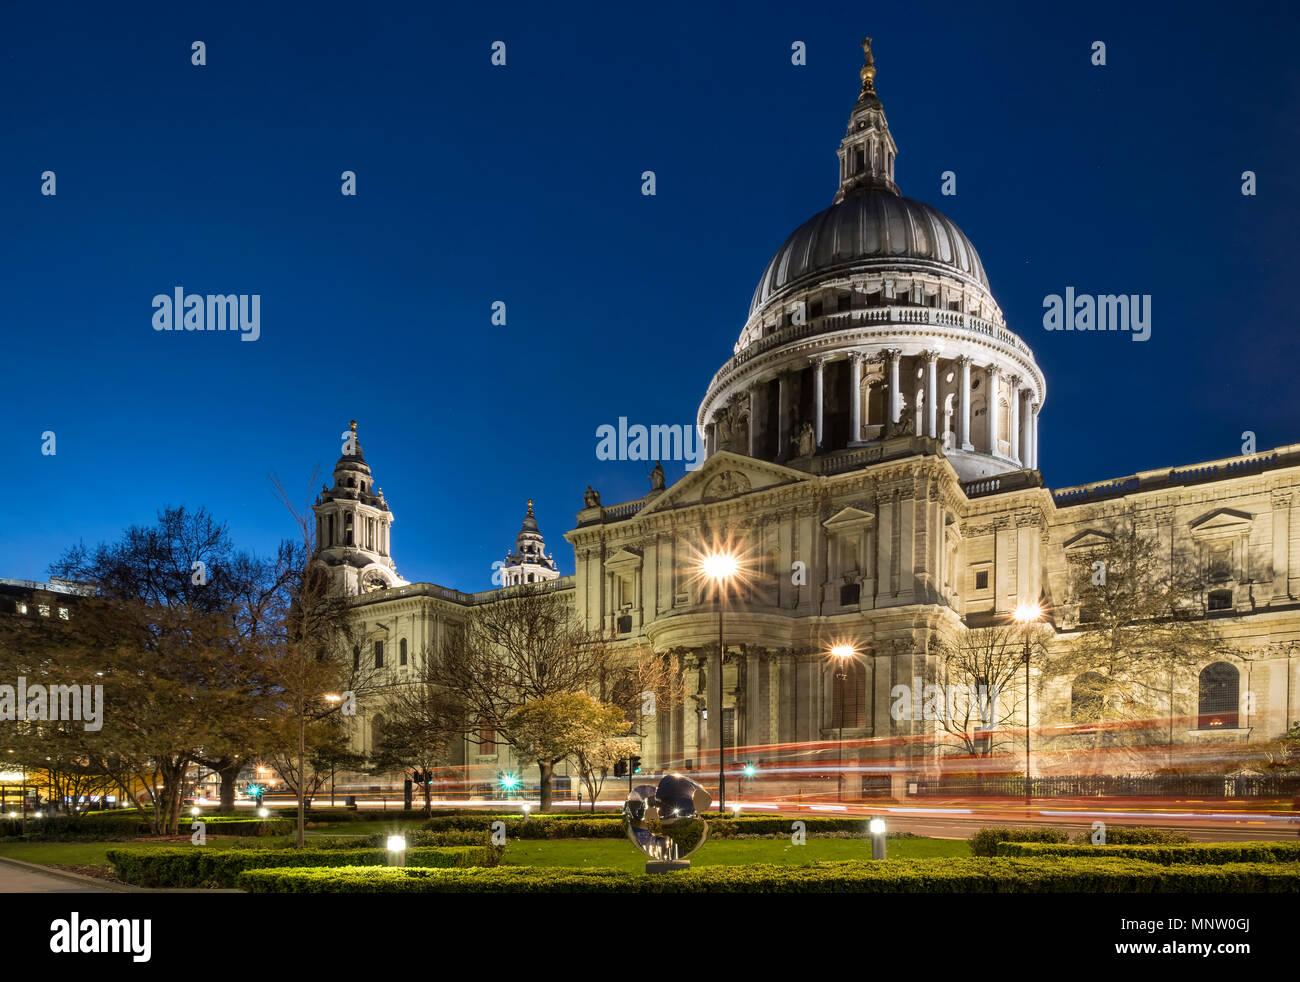 St Pauls Cathedral di notte, Londra, Inghilterra, Regno Unito Foto Stock